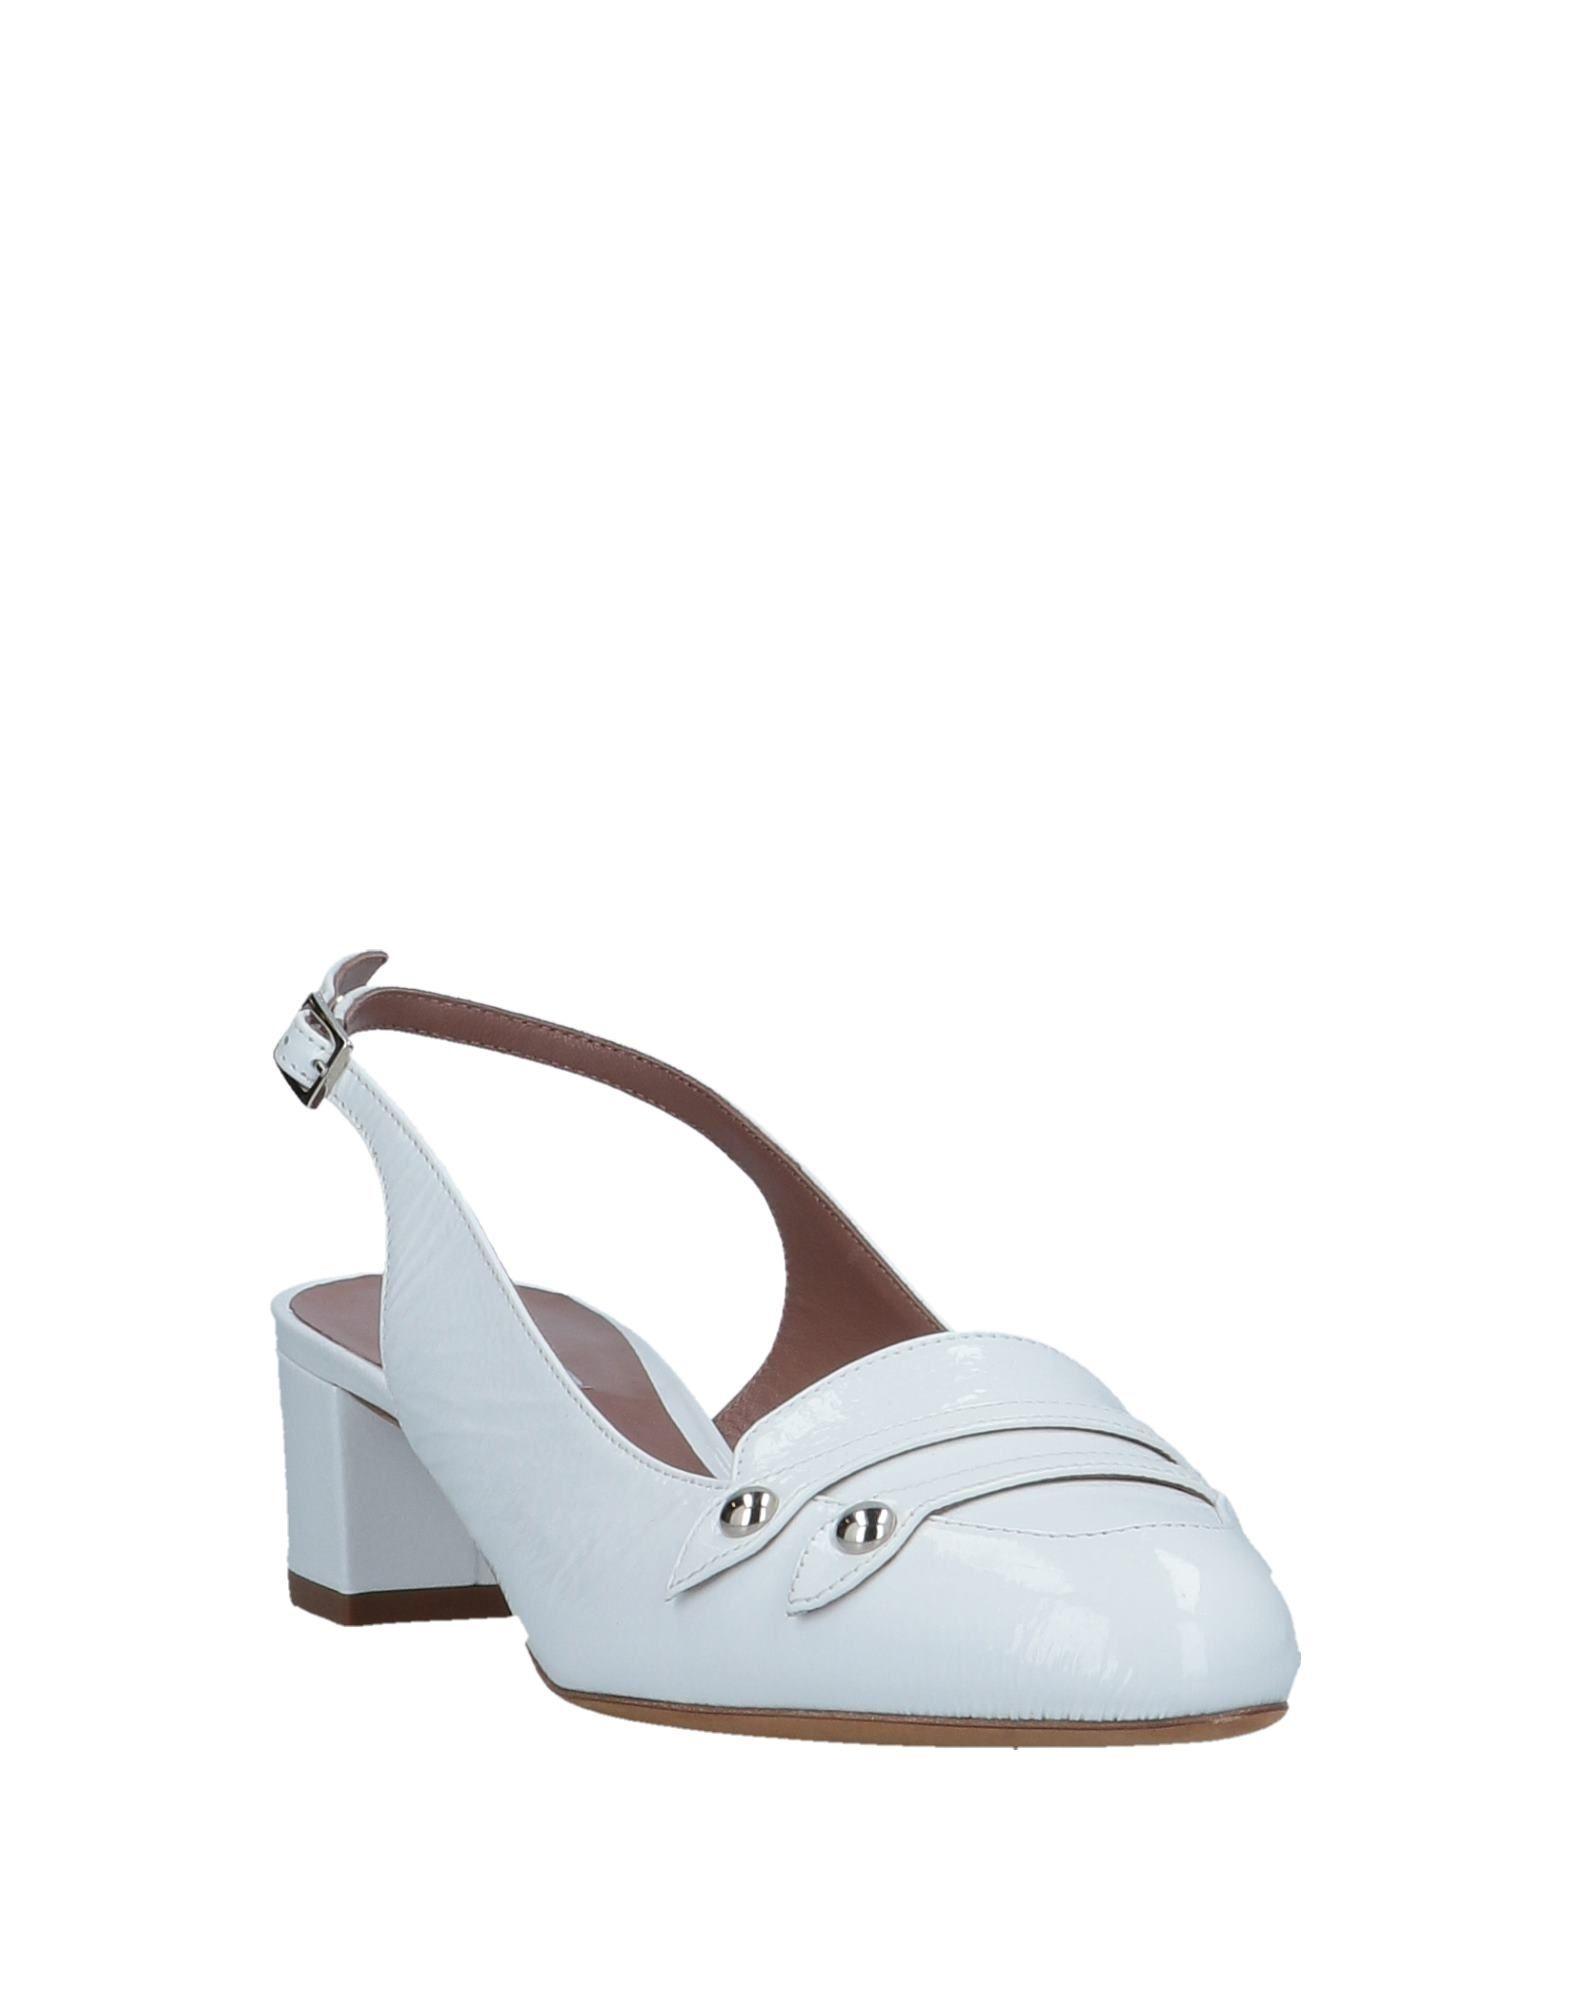 Tabitha  Simmons Mokassins Damen  Tabitha 11508279VBGünstige gut aussehende Schuhe ba6775